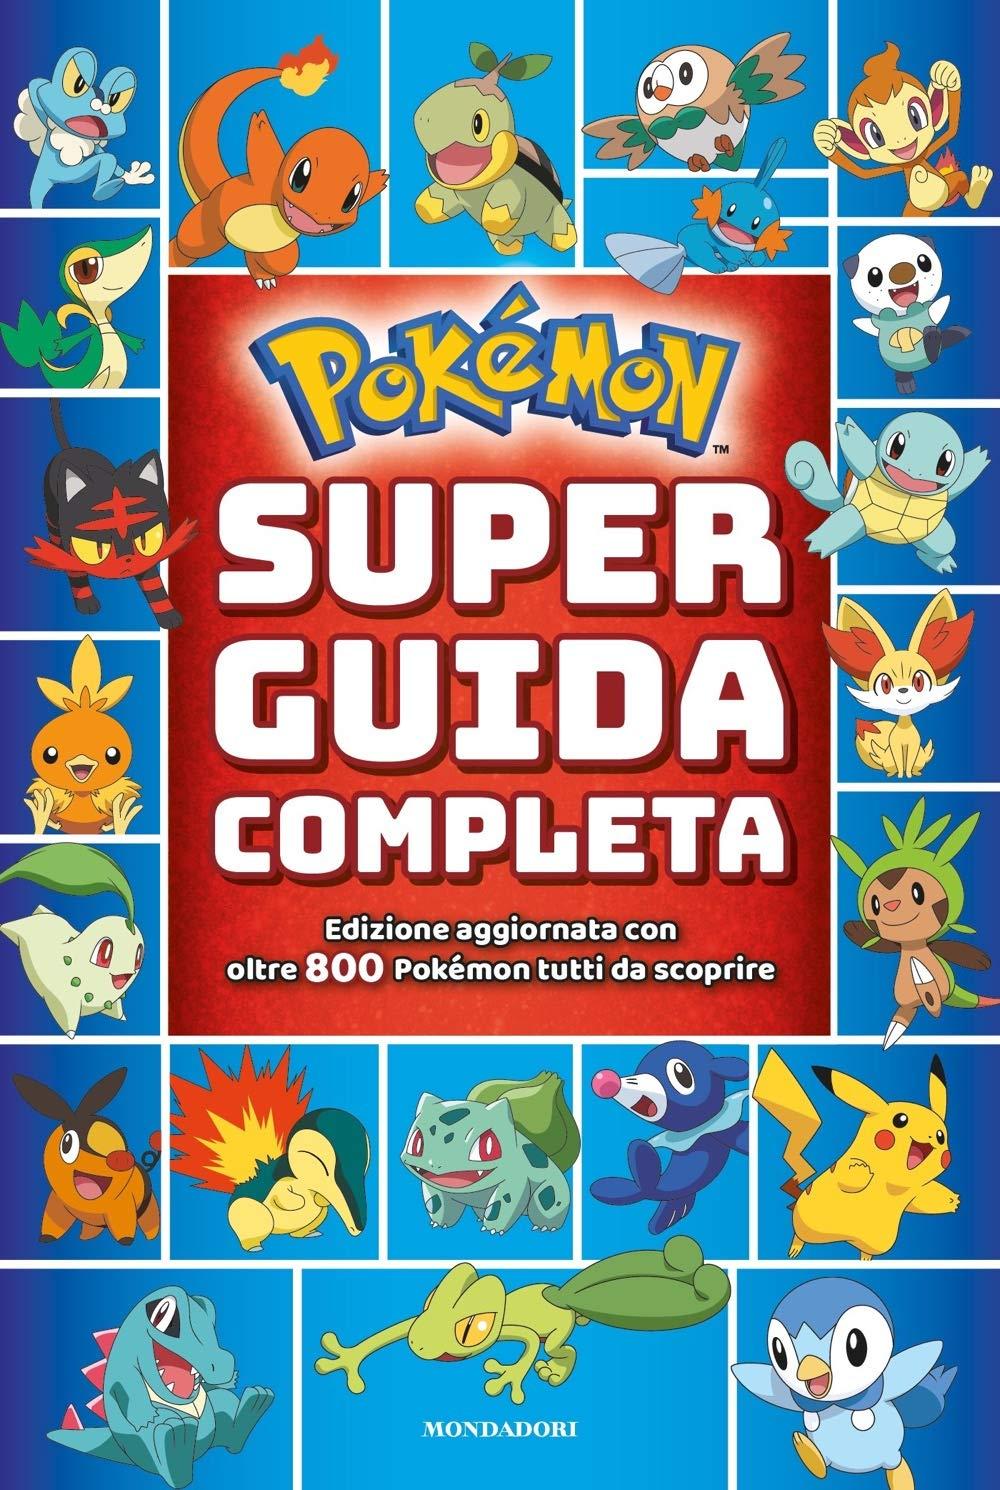 Pokémon Super guida completa italiano